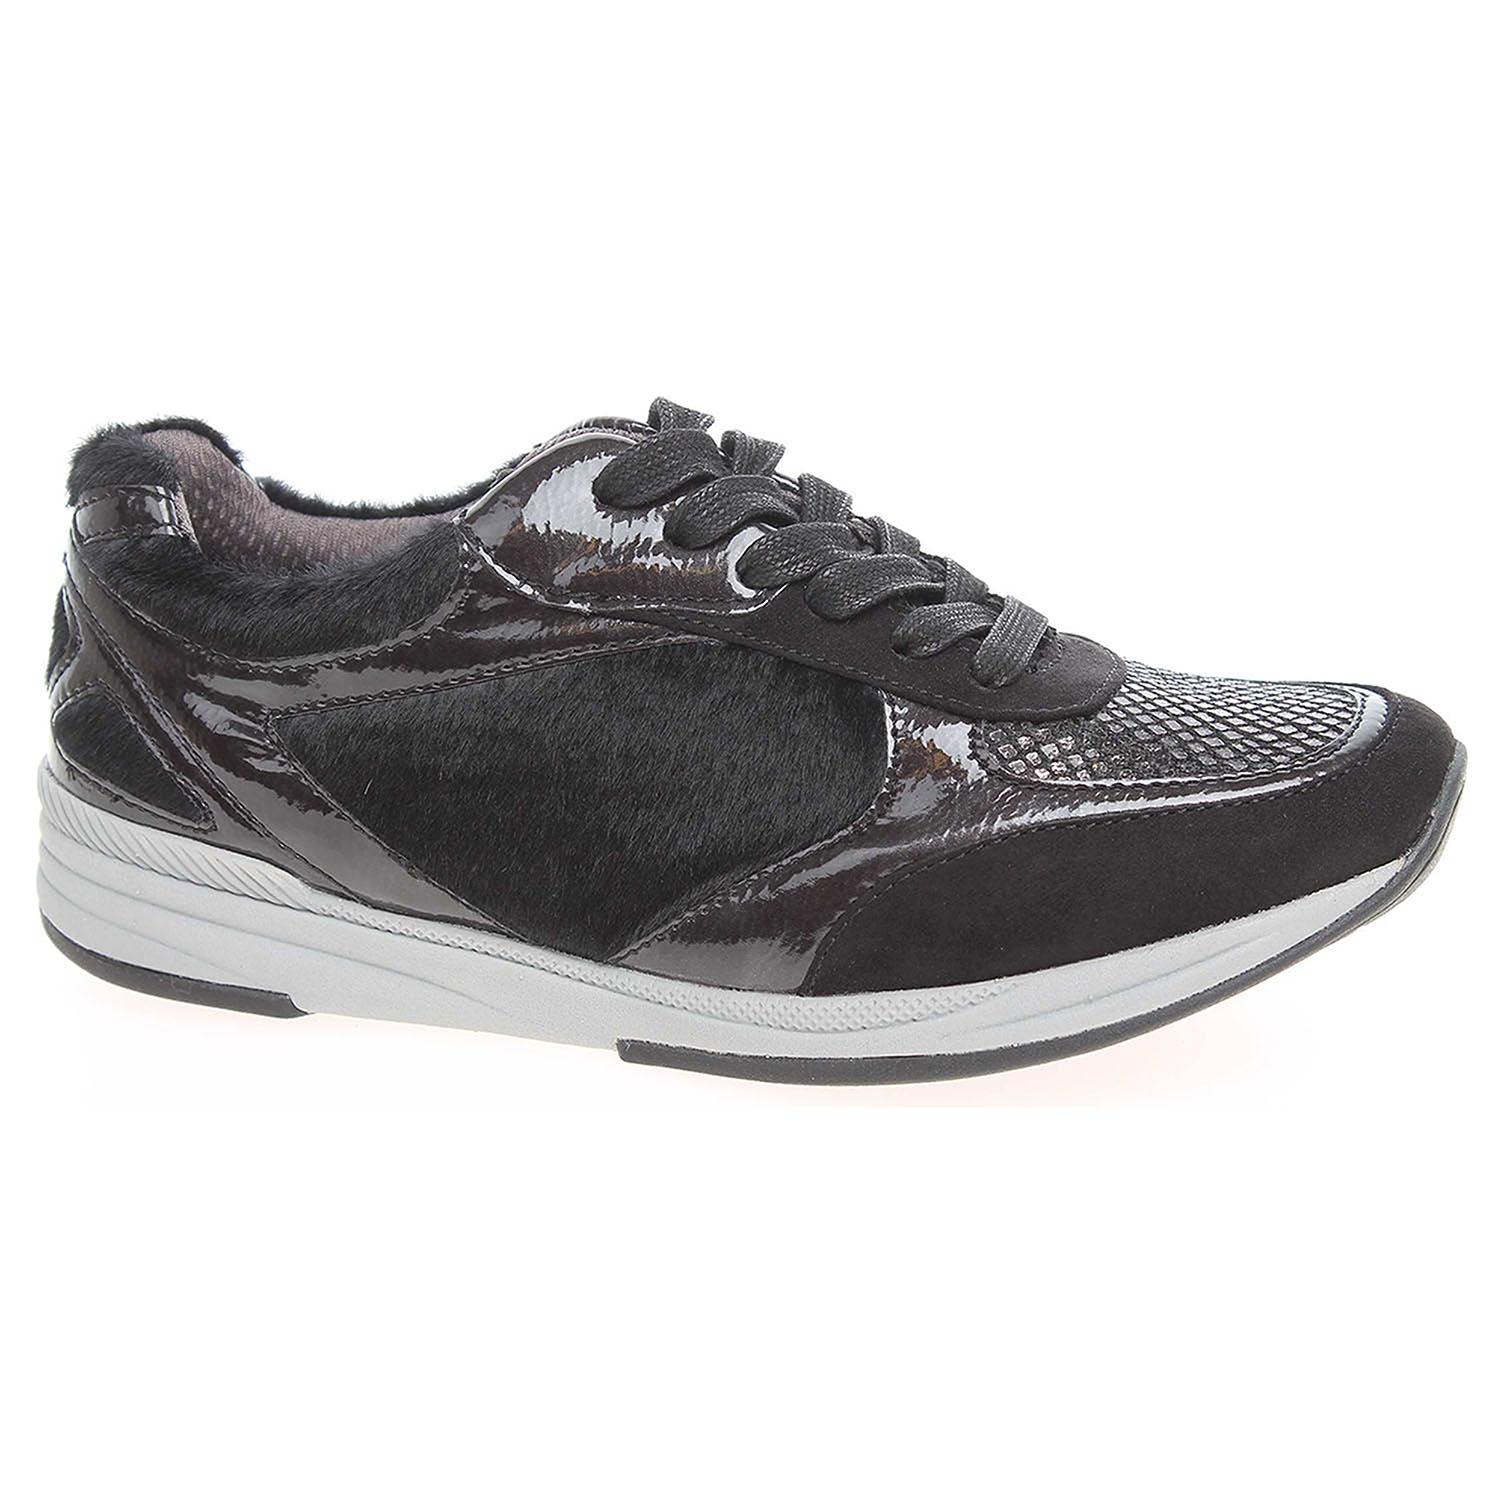 Ecco Dámská obuv Ara 64422-07 černá 23200557